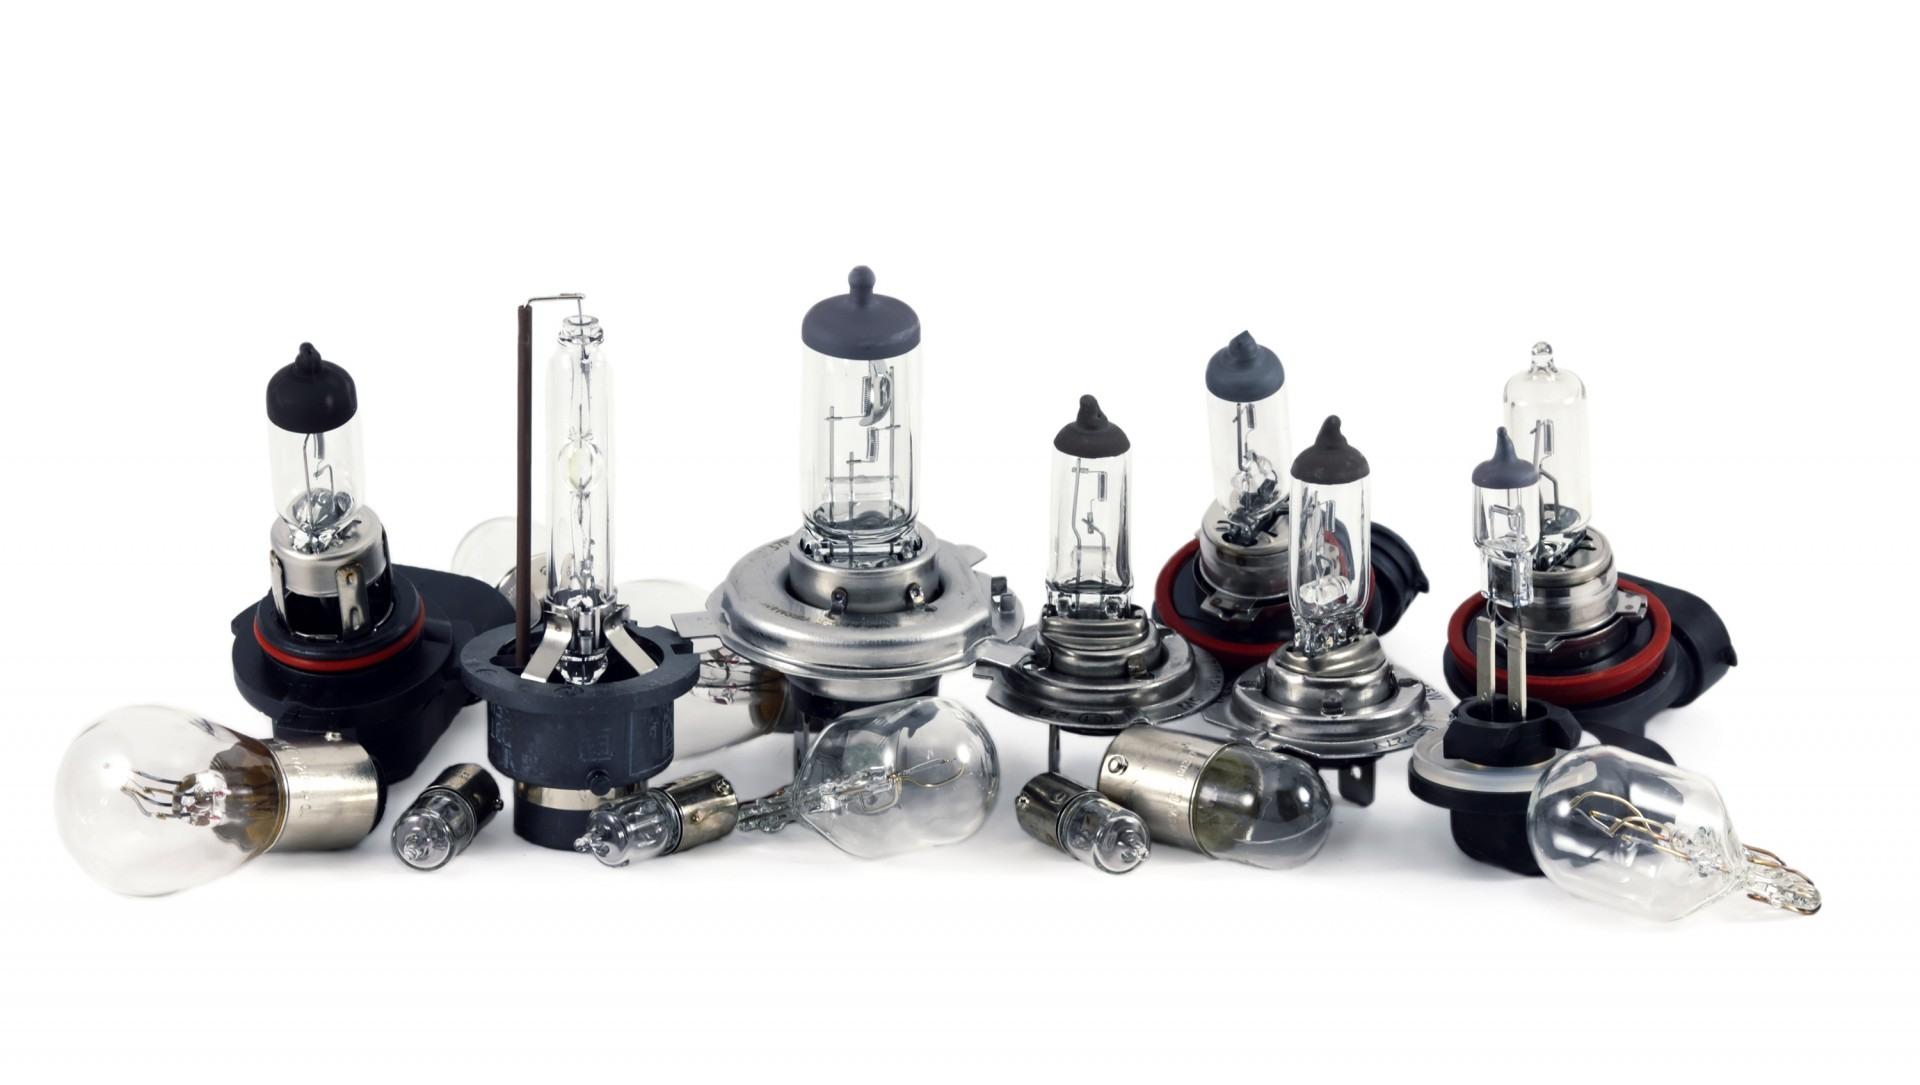 Serie lamp halogenowych i ksenonowych marki Tungsram